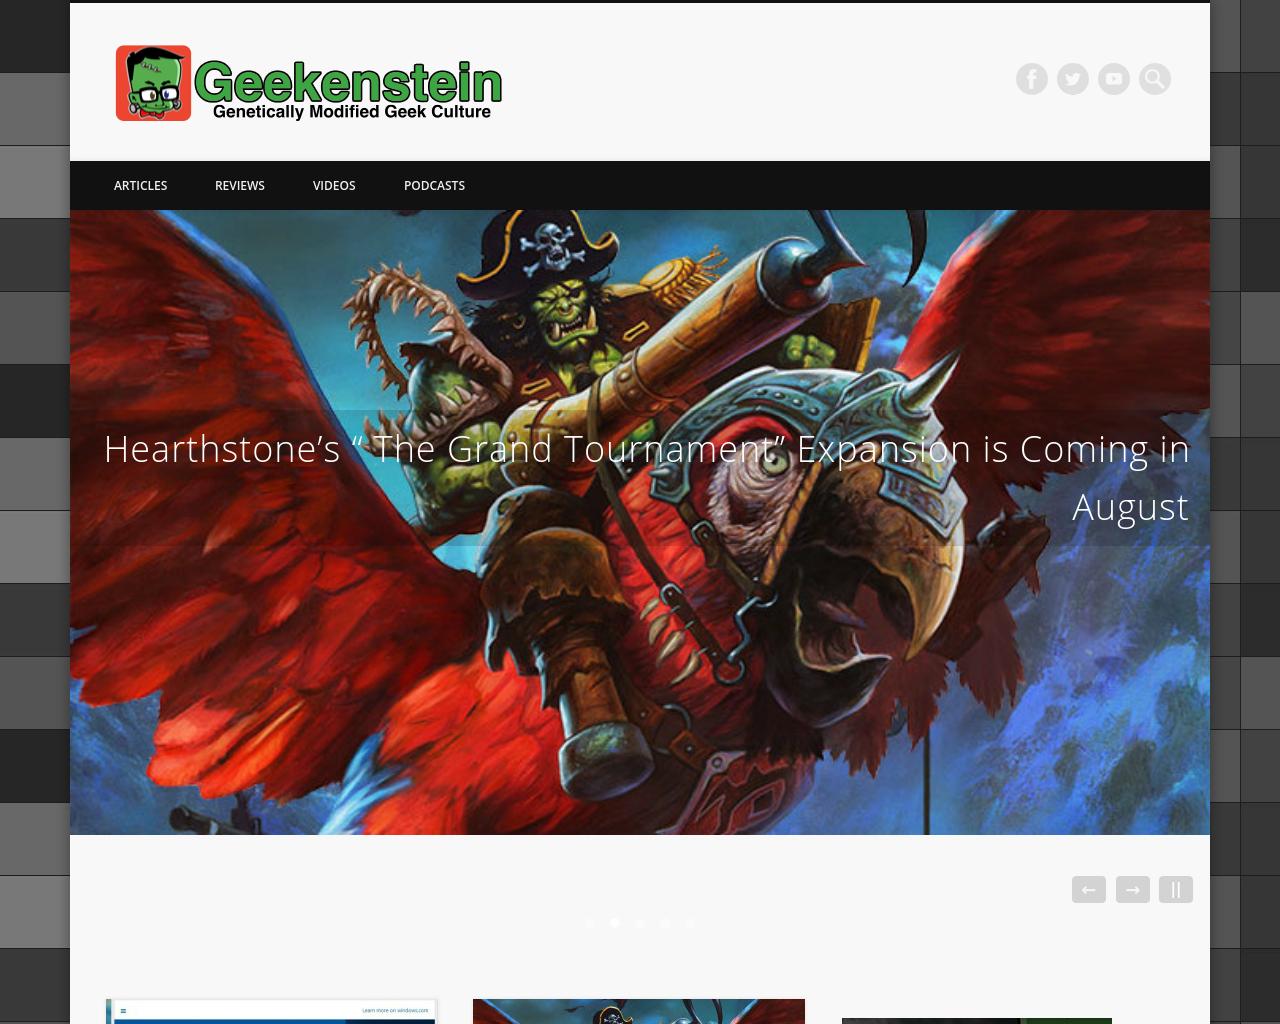 Geekenstein-Advertising-Reviews-Pricing